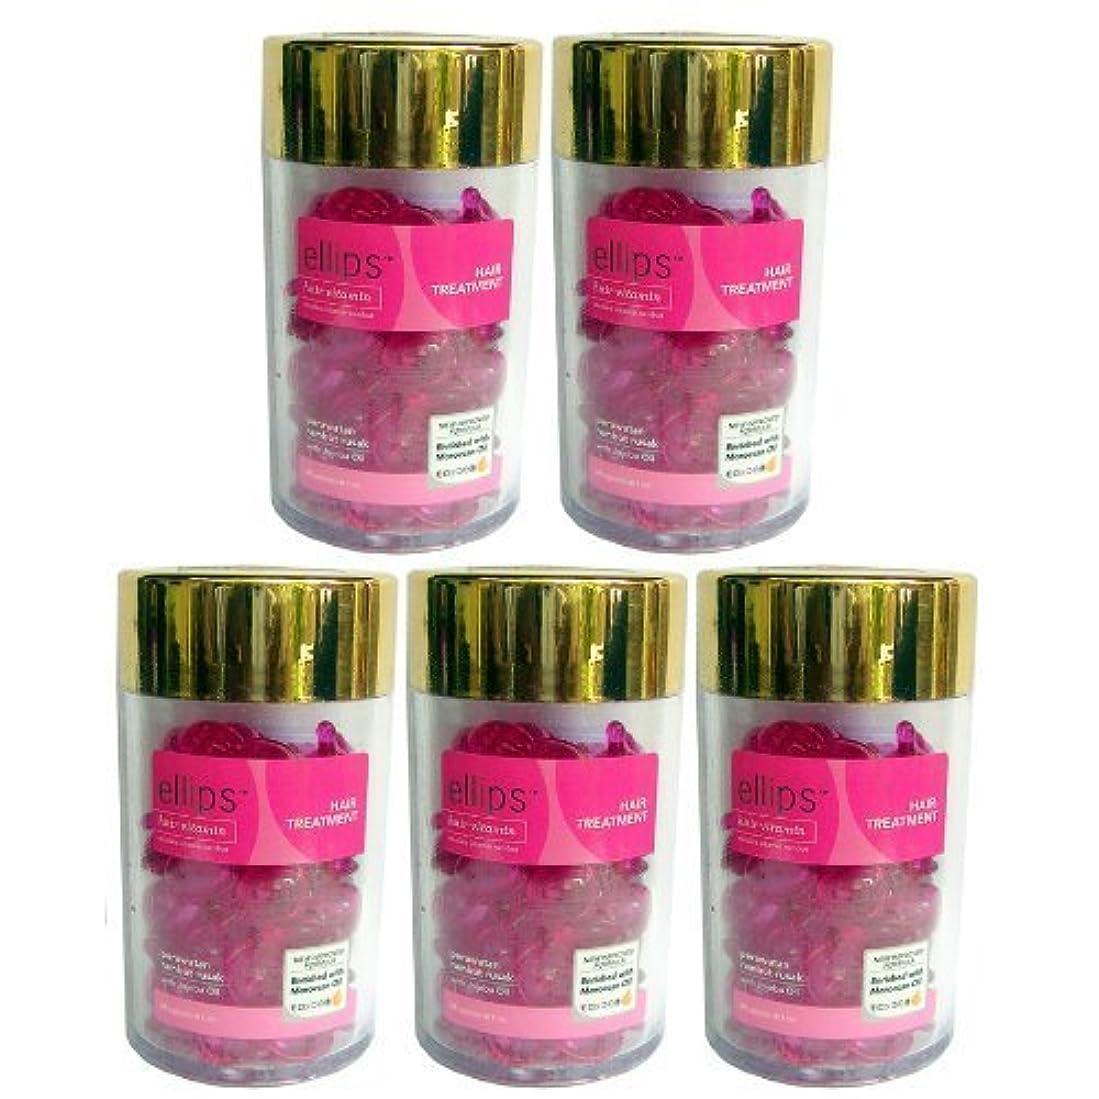 緑スリップシューズ破裂エリップス ellips ヘアビタミン洗い流さないヘアトリートメント(並行輸入品) (ピンク5本)